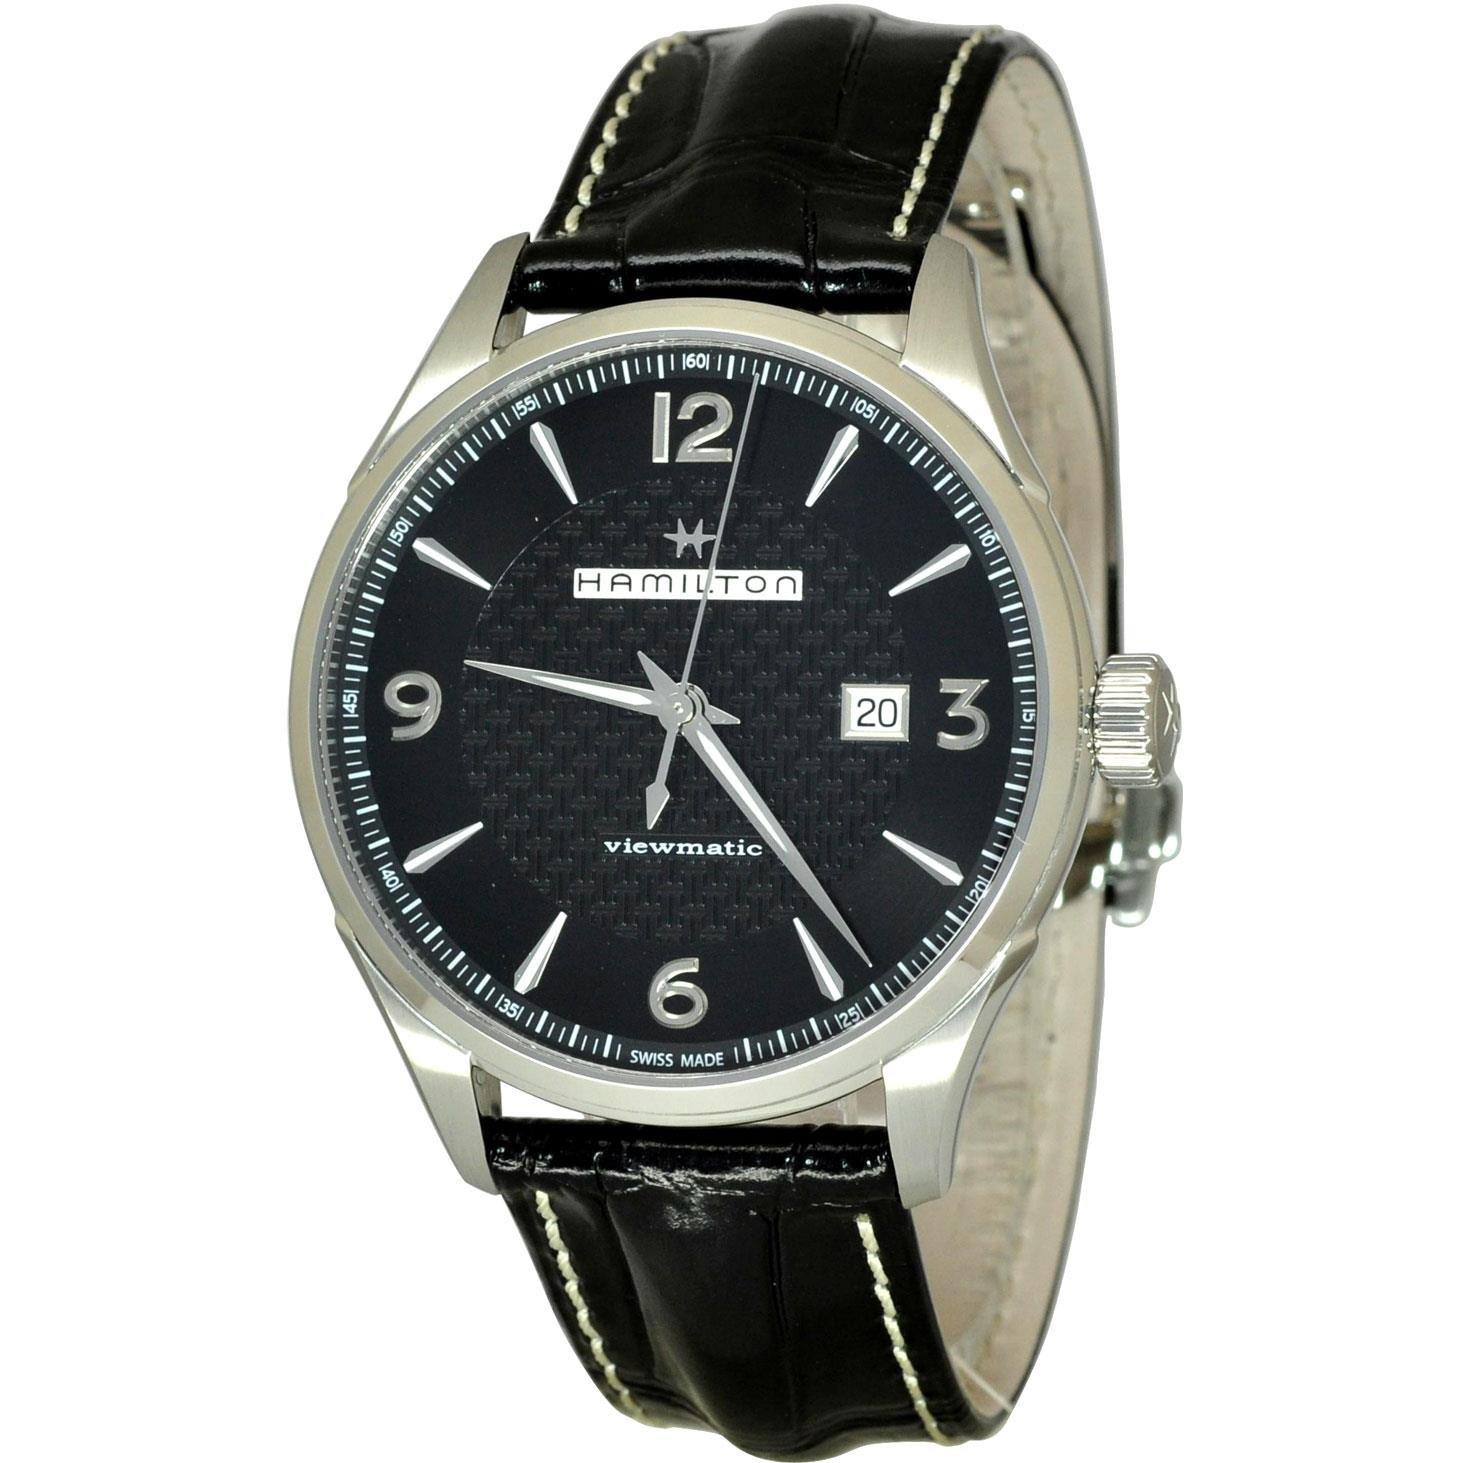 HAMILTON JAZZMASTER RELOJ DE HOMBRE AUTOMÁTICO 44MM CORREA DE CUERO H32755731: Amazon.es: Relojes